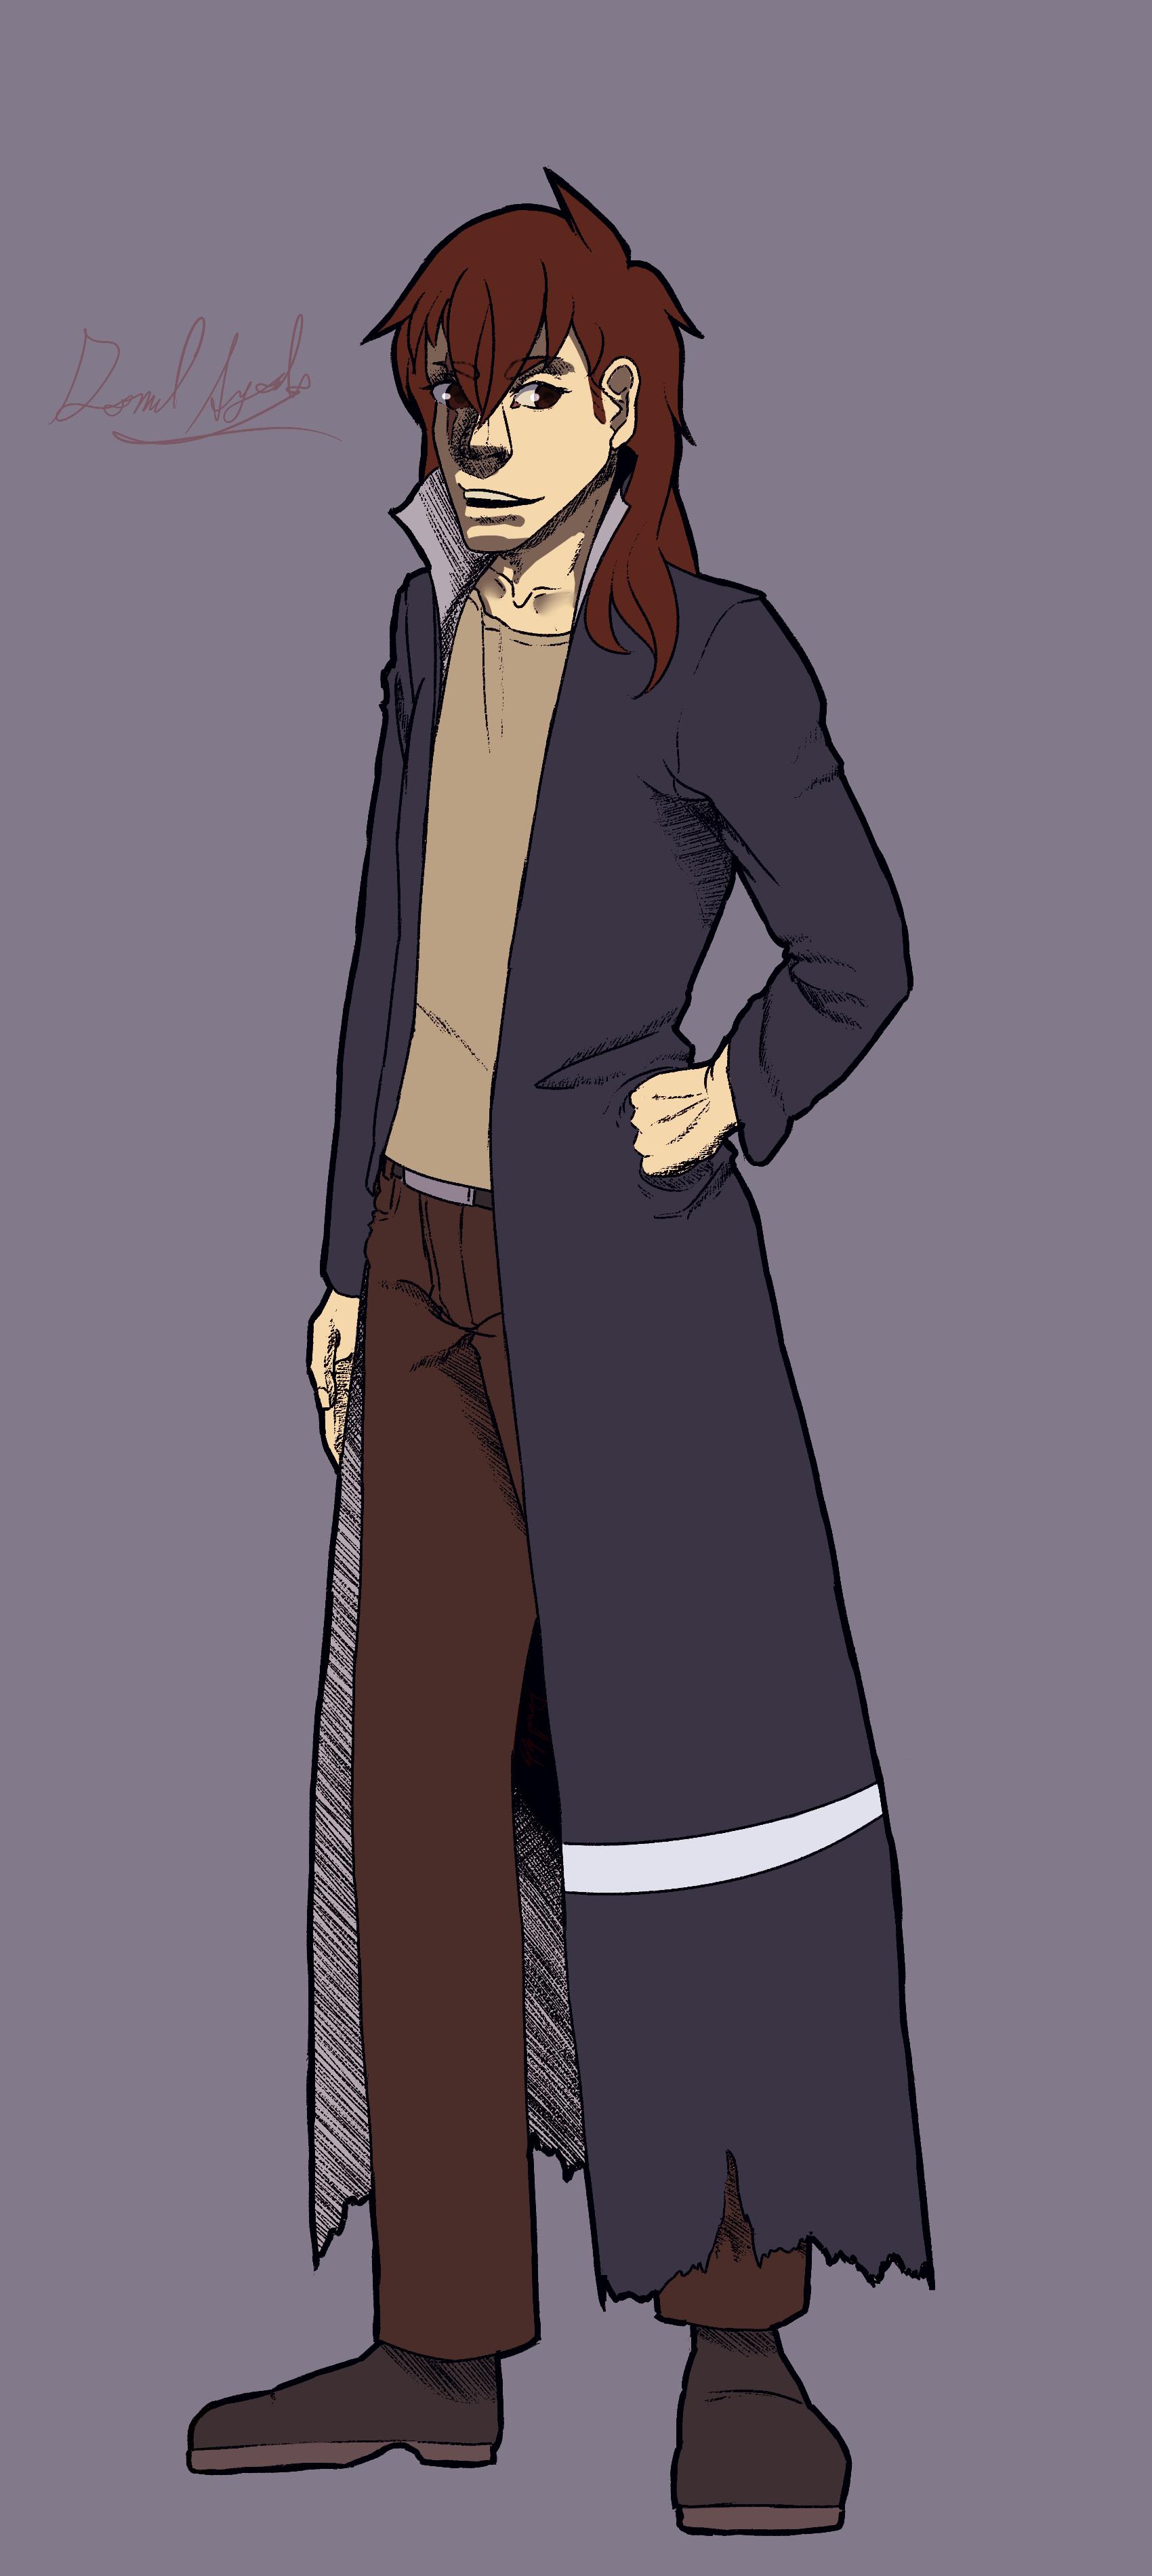 Shinji Warmup